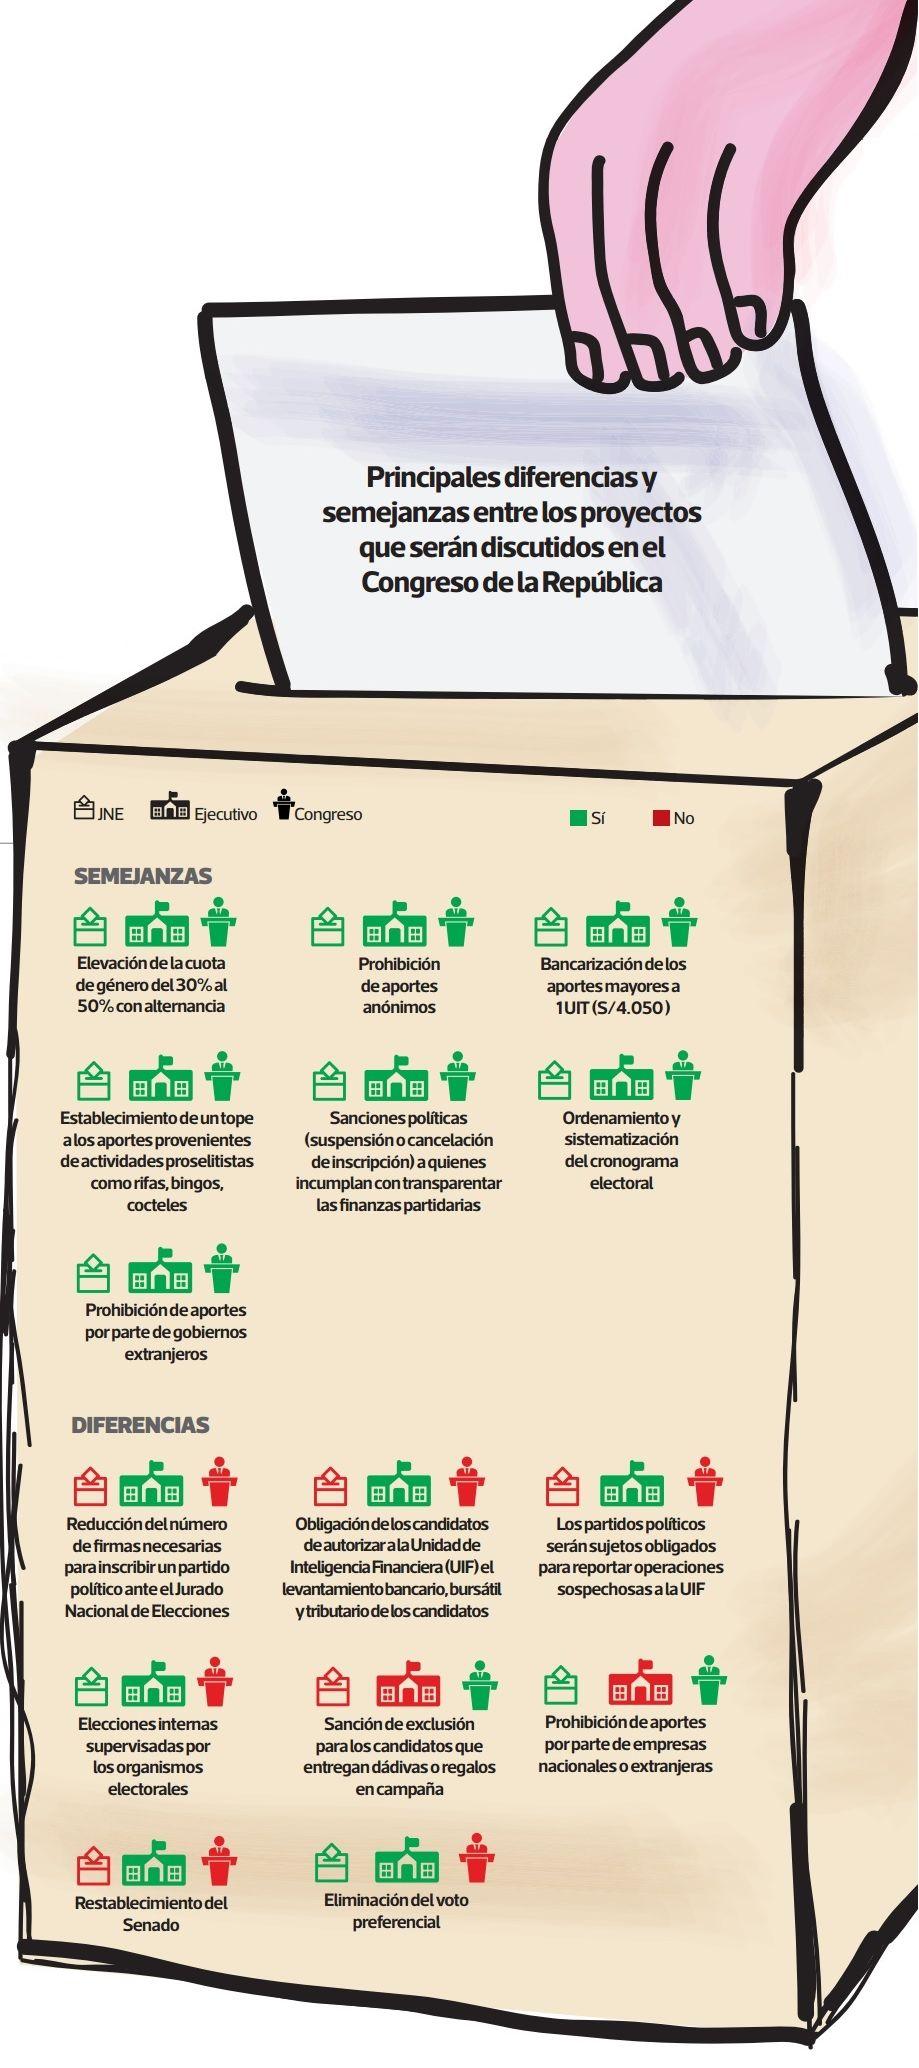 Principales diferencias y semejanzas entre los proyectos que serán discutidos en el Congreso de la República. (Elaboración: El Comercio)